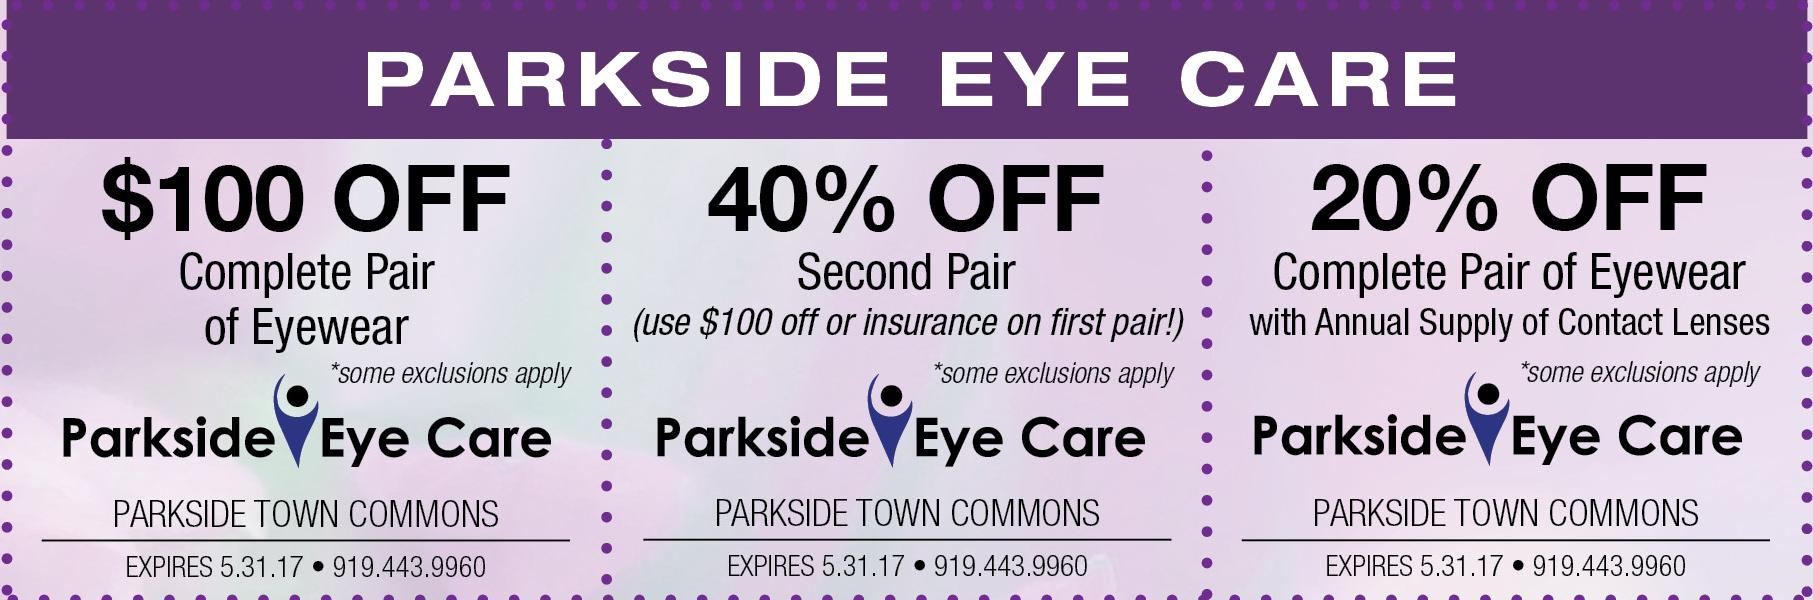 Parkside Eye Care.jpg